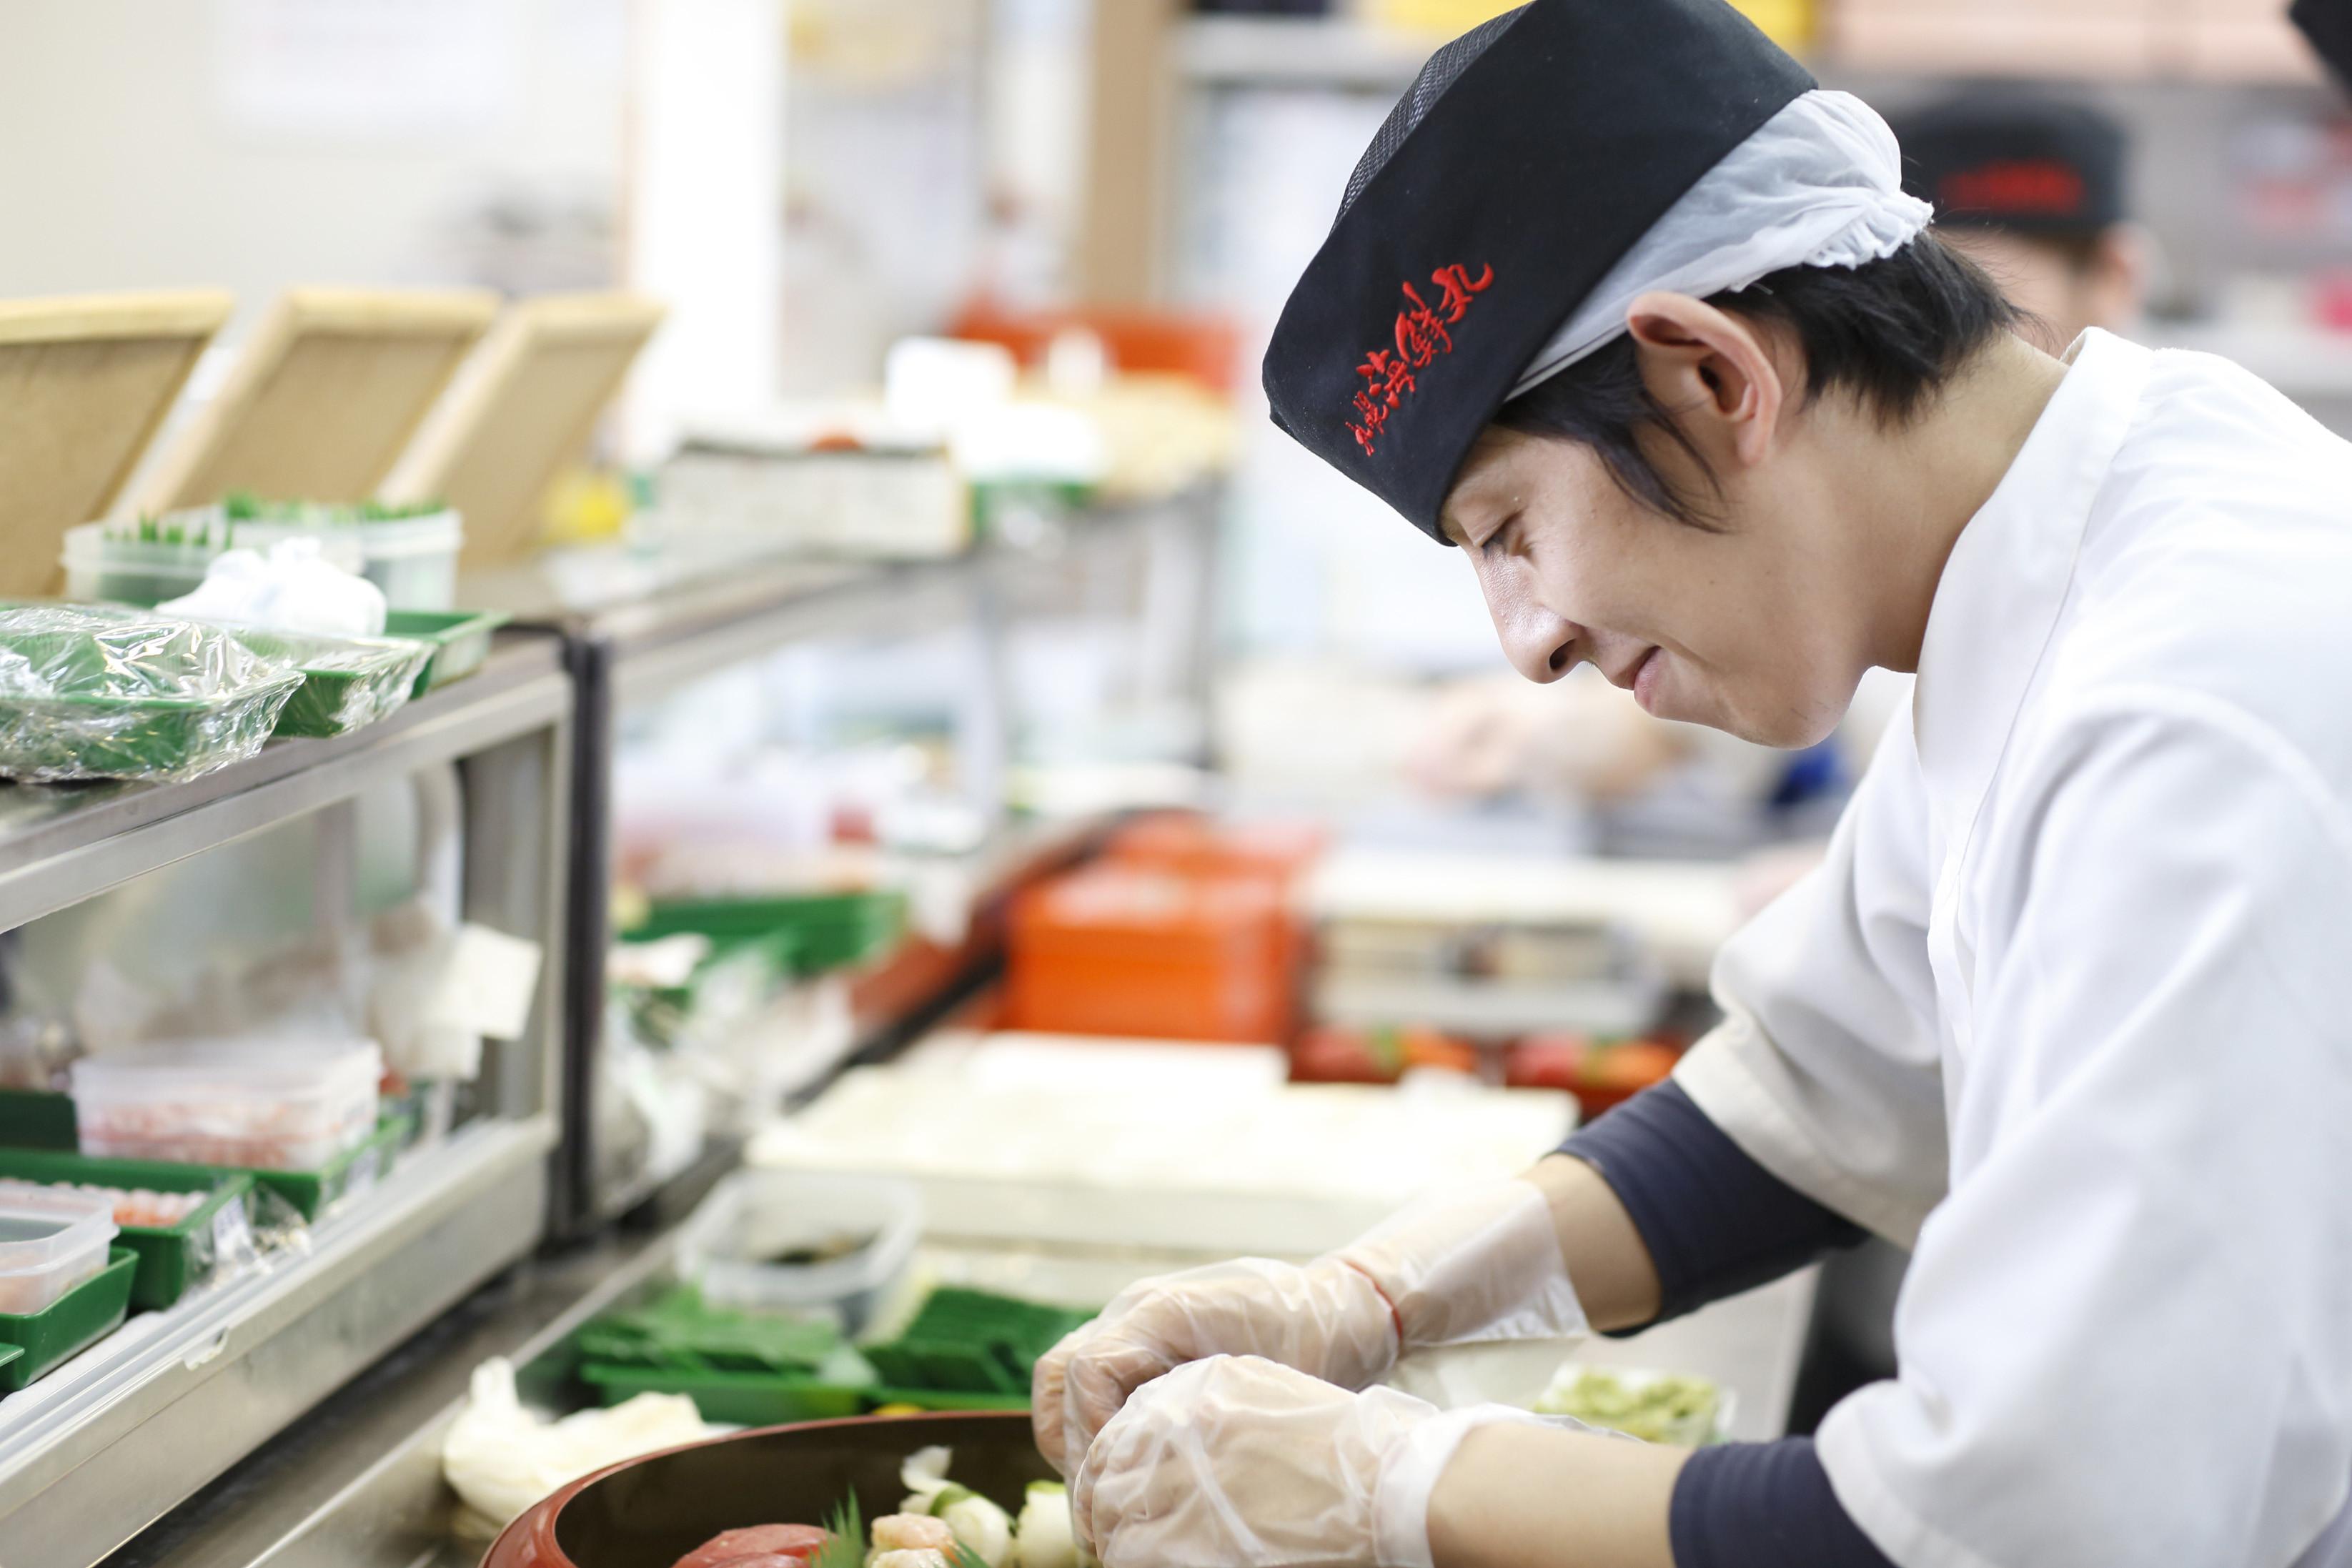 札幌海鮮丸 発寒店 キッチンスタッフのアルバイト情報